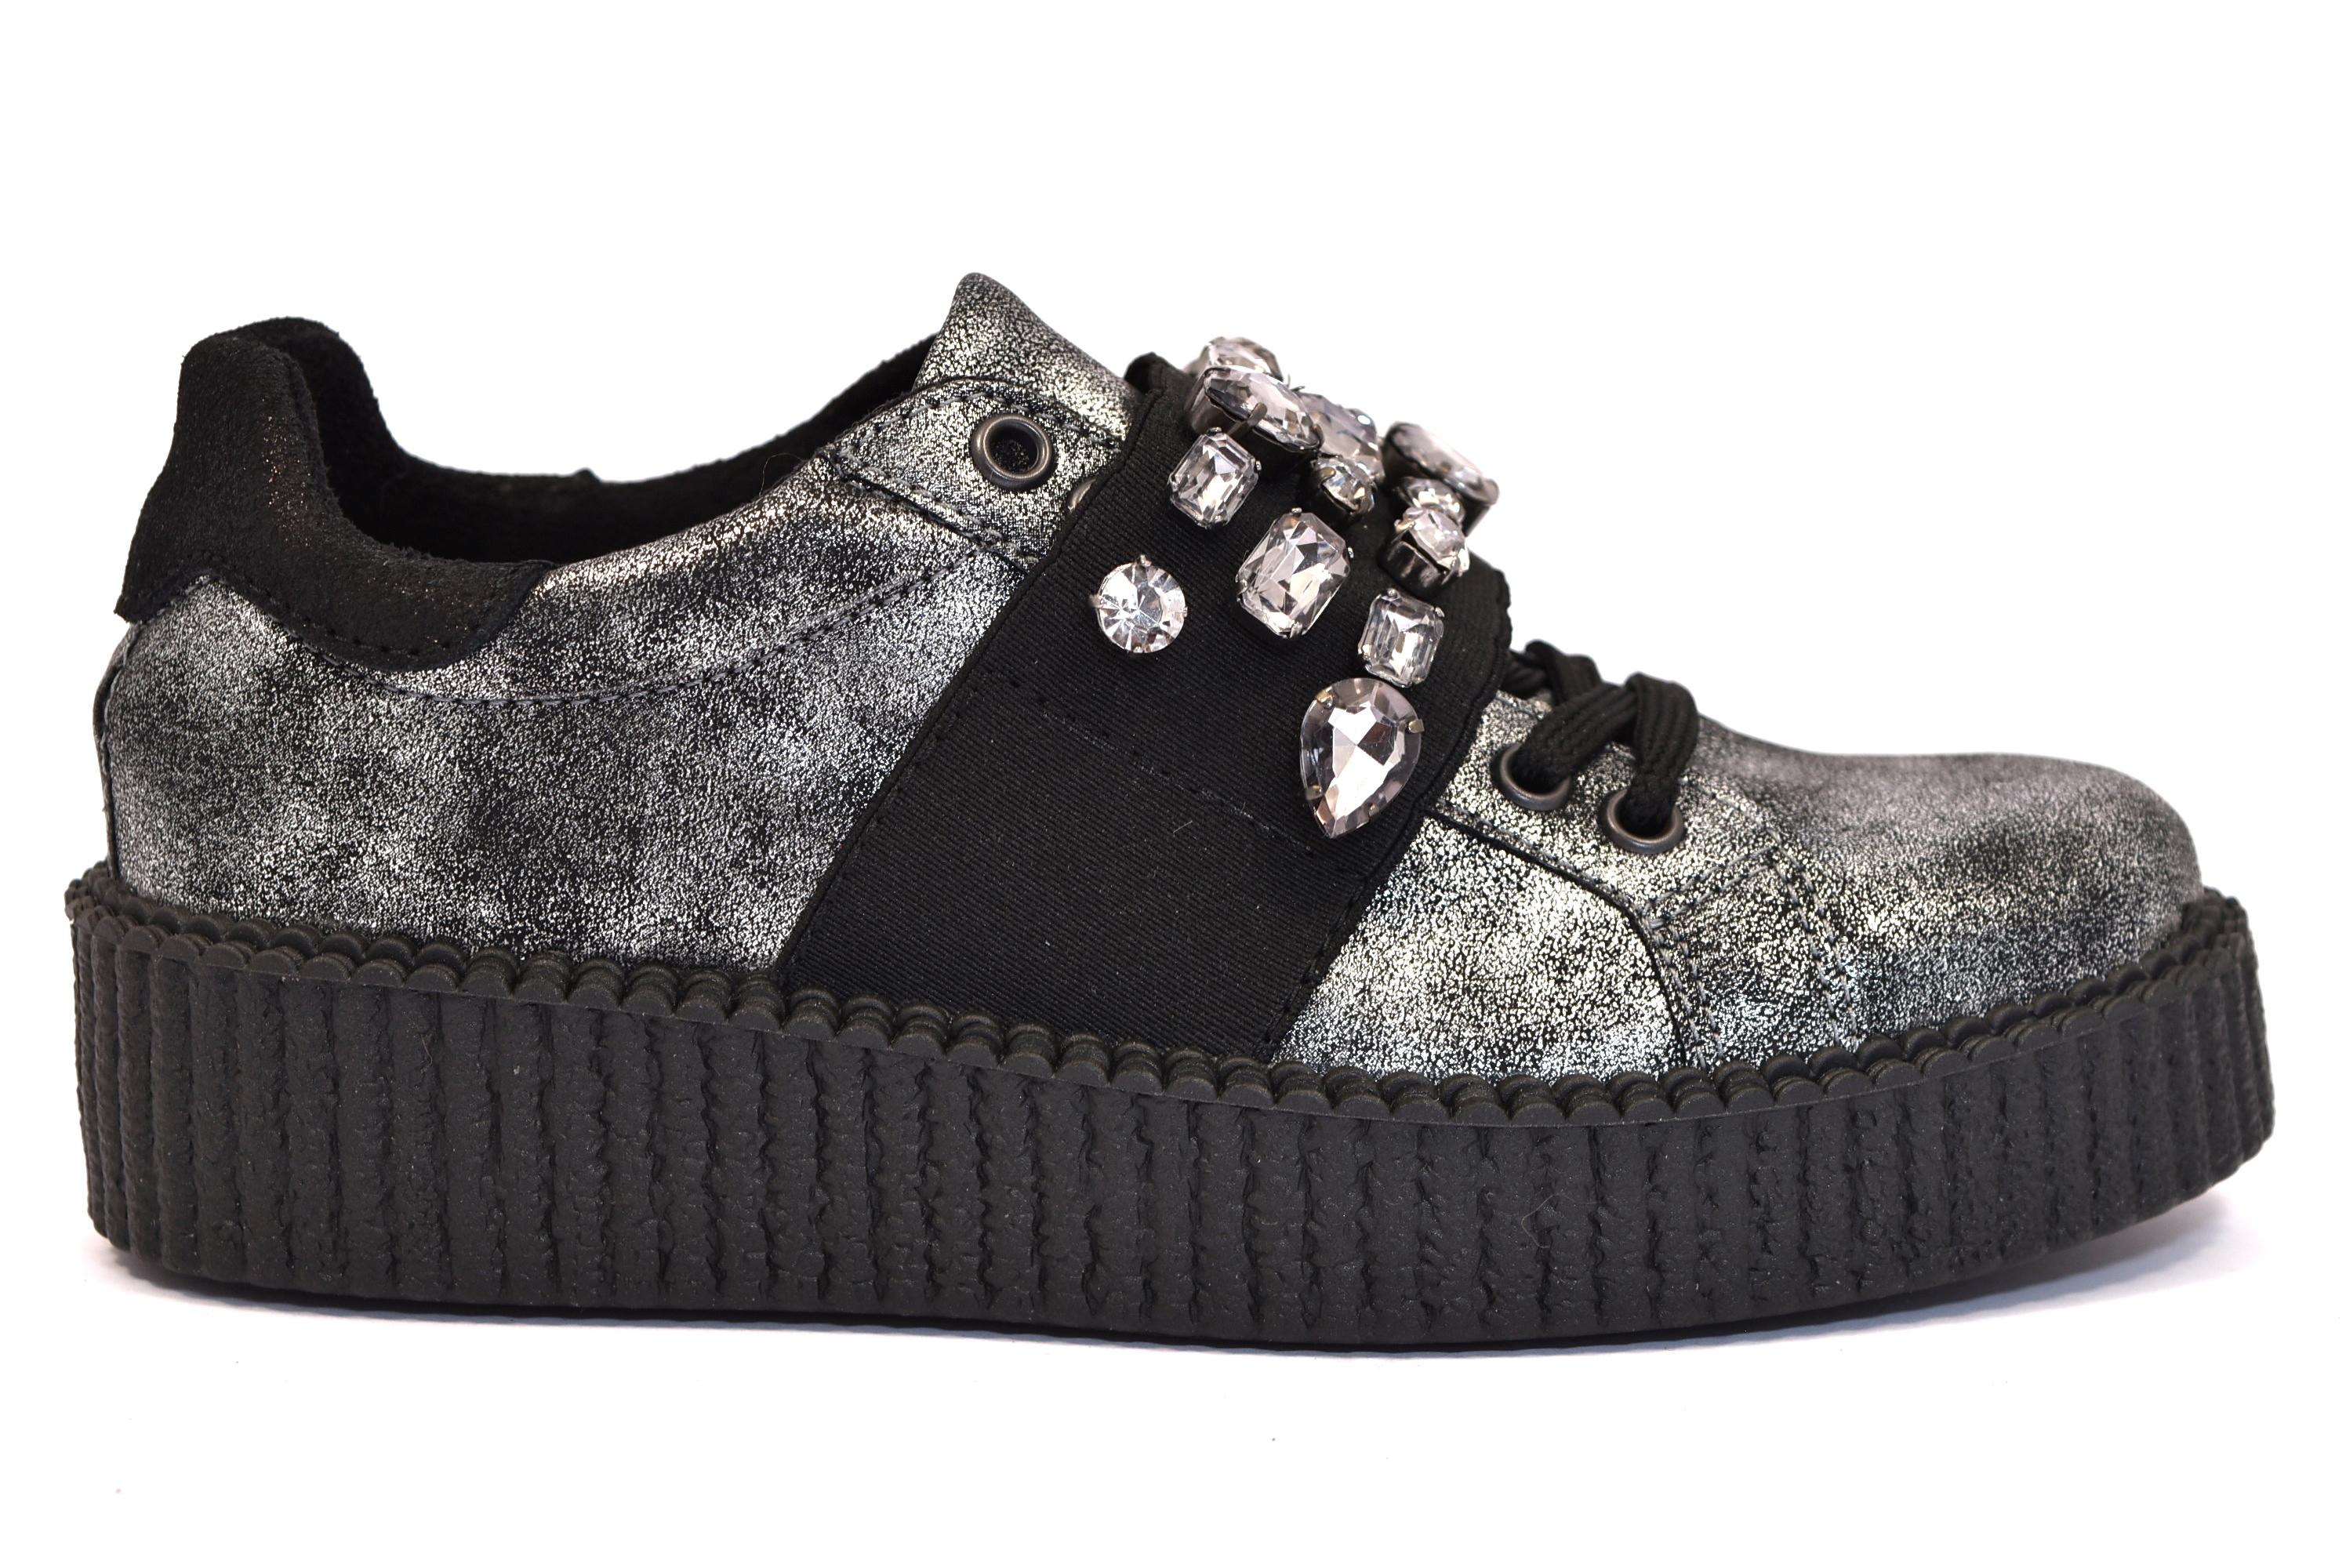 372dc919a3599 ... Materiale Sottopiede Tessuto. DIVINE FOLLIE 116 FUCILE argento scarpe  sneakers donna autunno inverno invernali allacciate stringate platform ...